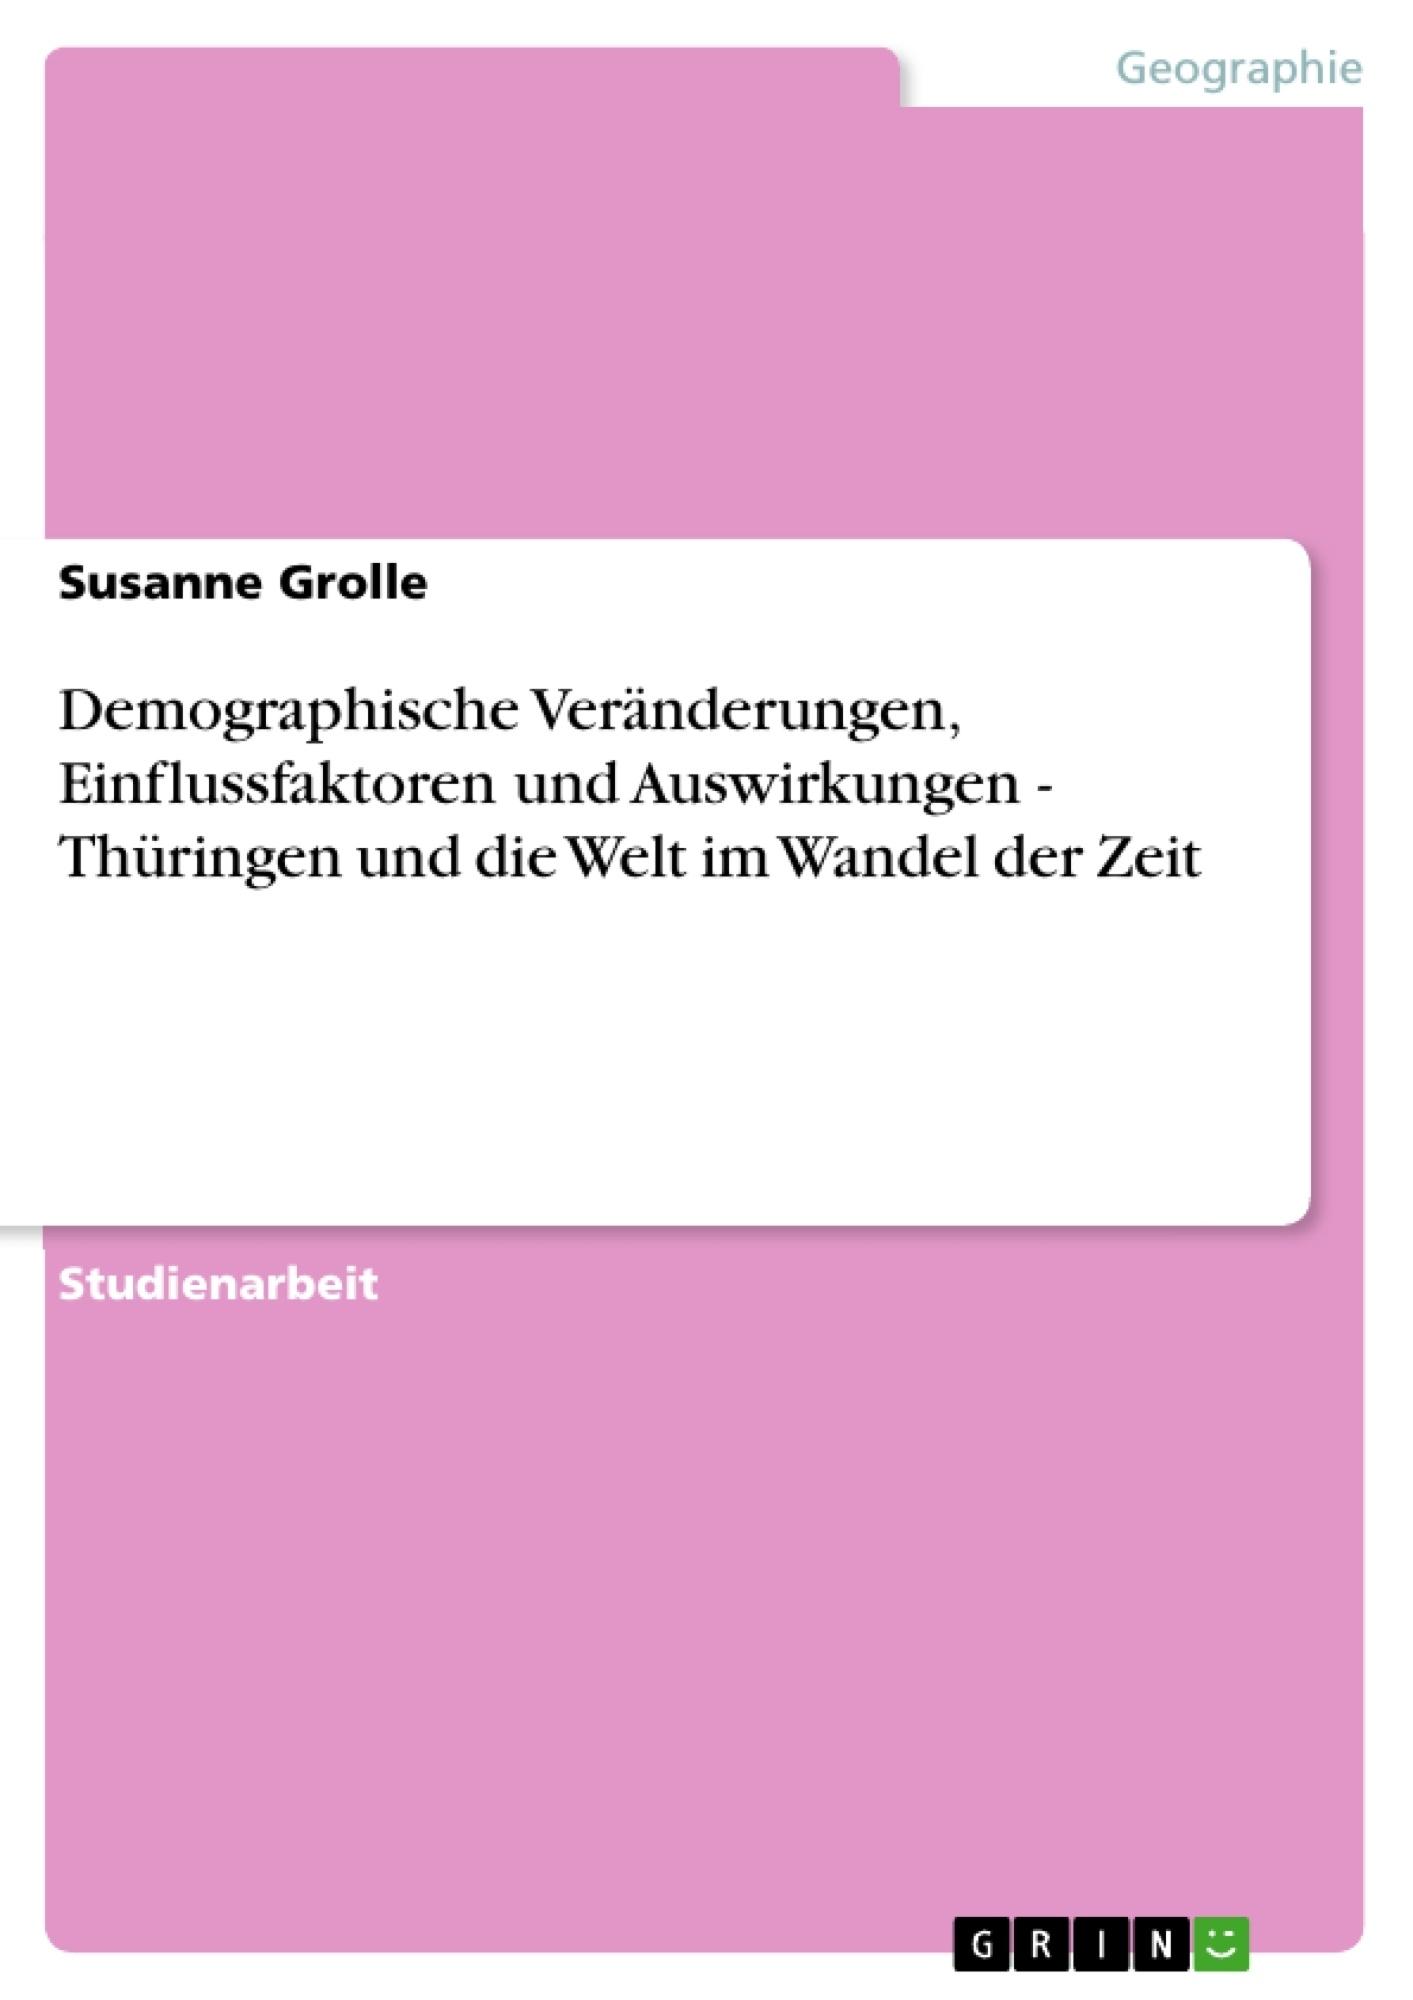 Titel: Demographische Veränderungen, Einflussfaktoren und Auswirkungen - Thüringen und die Welt im Wandel der Zeit